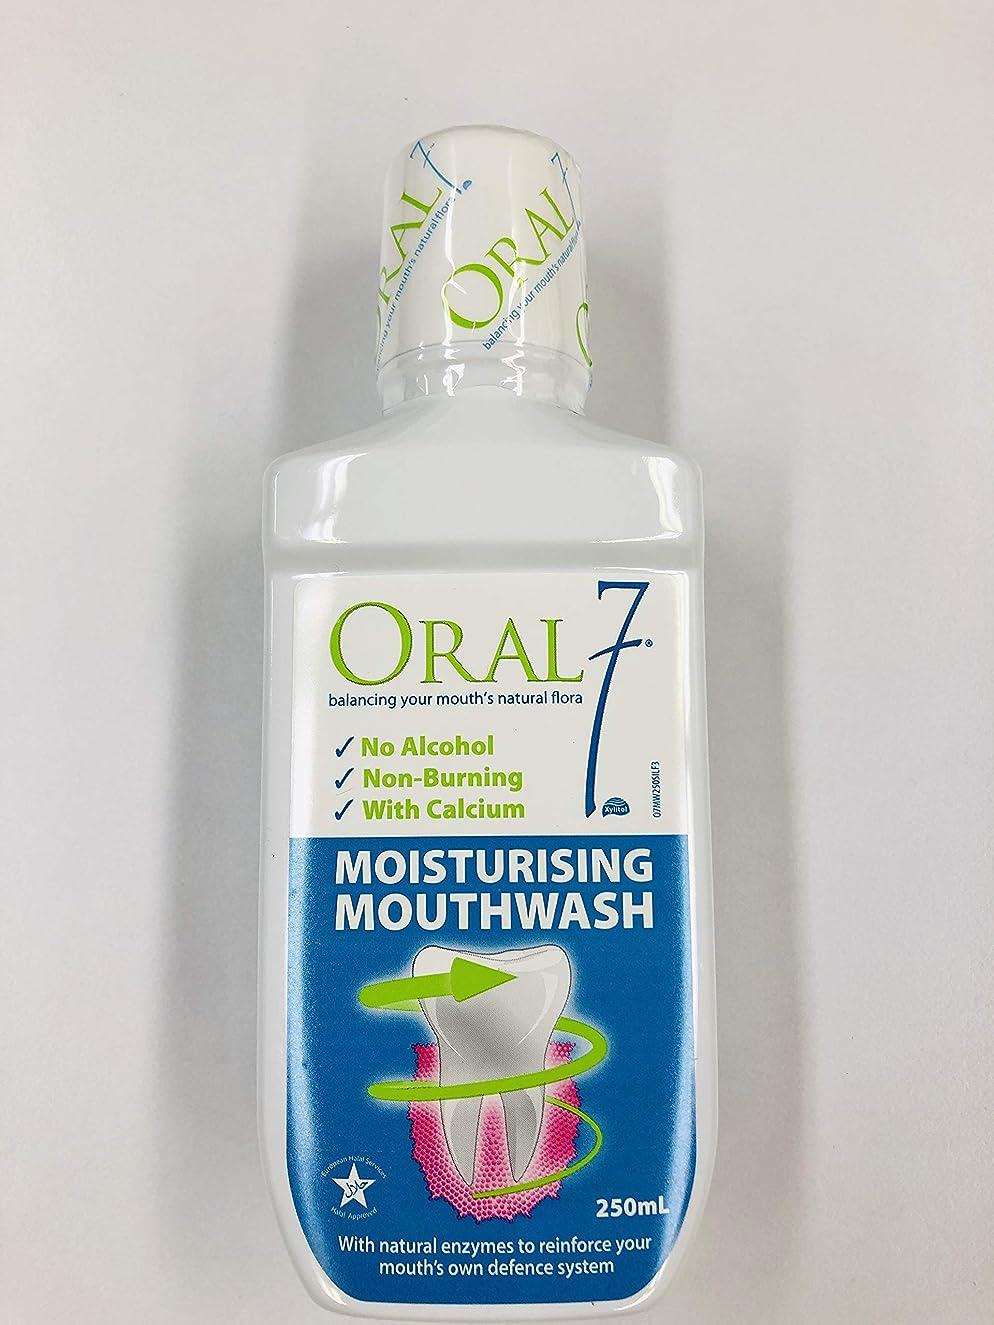 合理的超えて下位オーラル7 モイスチャライジング マウスウォッシュ 250ml【3本セット】4種の天然酵素配合!お口の乾燥対策に 口腔内保湿 口臭予防 ノンアルコール 口腔ケア